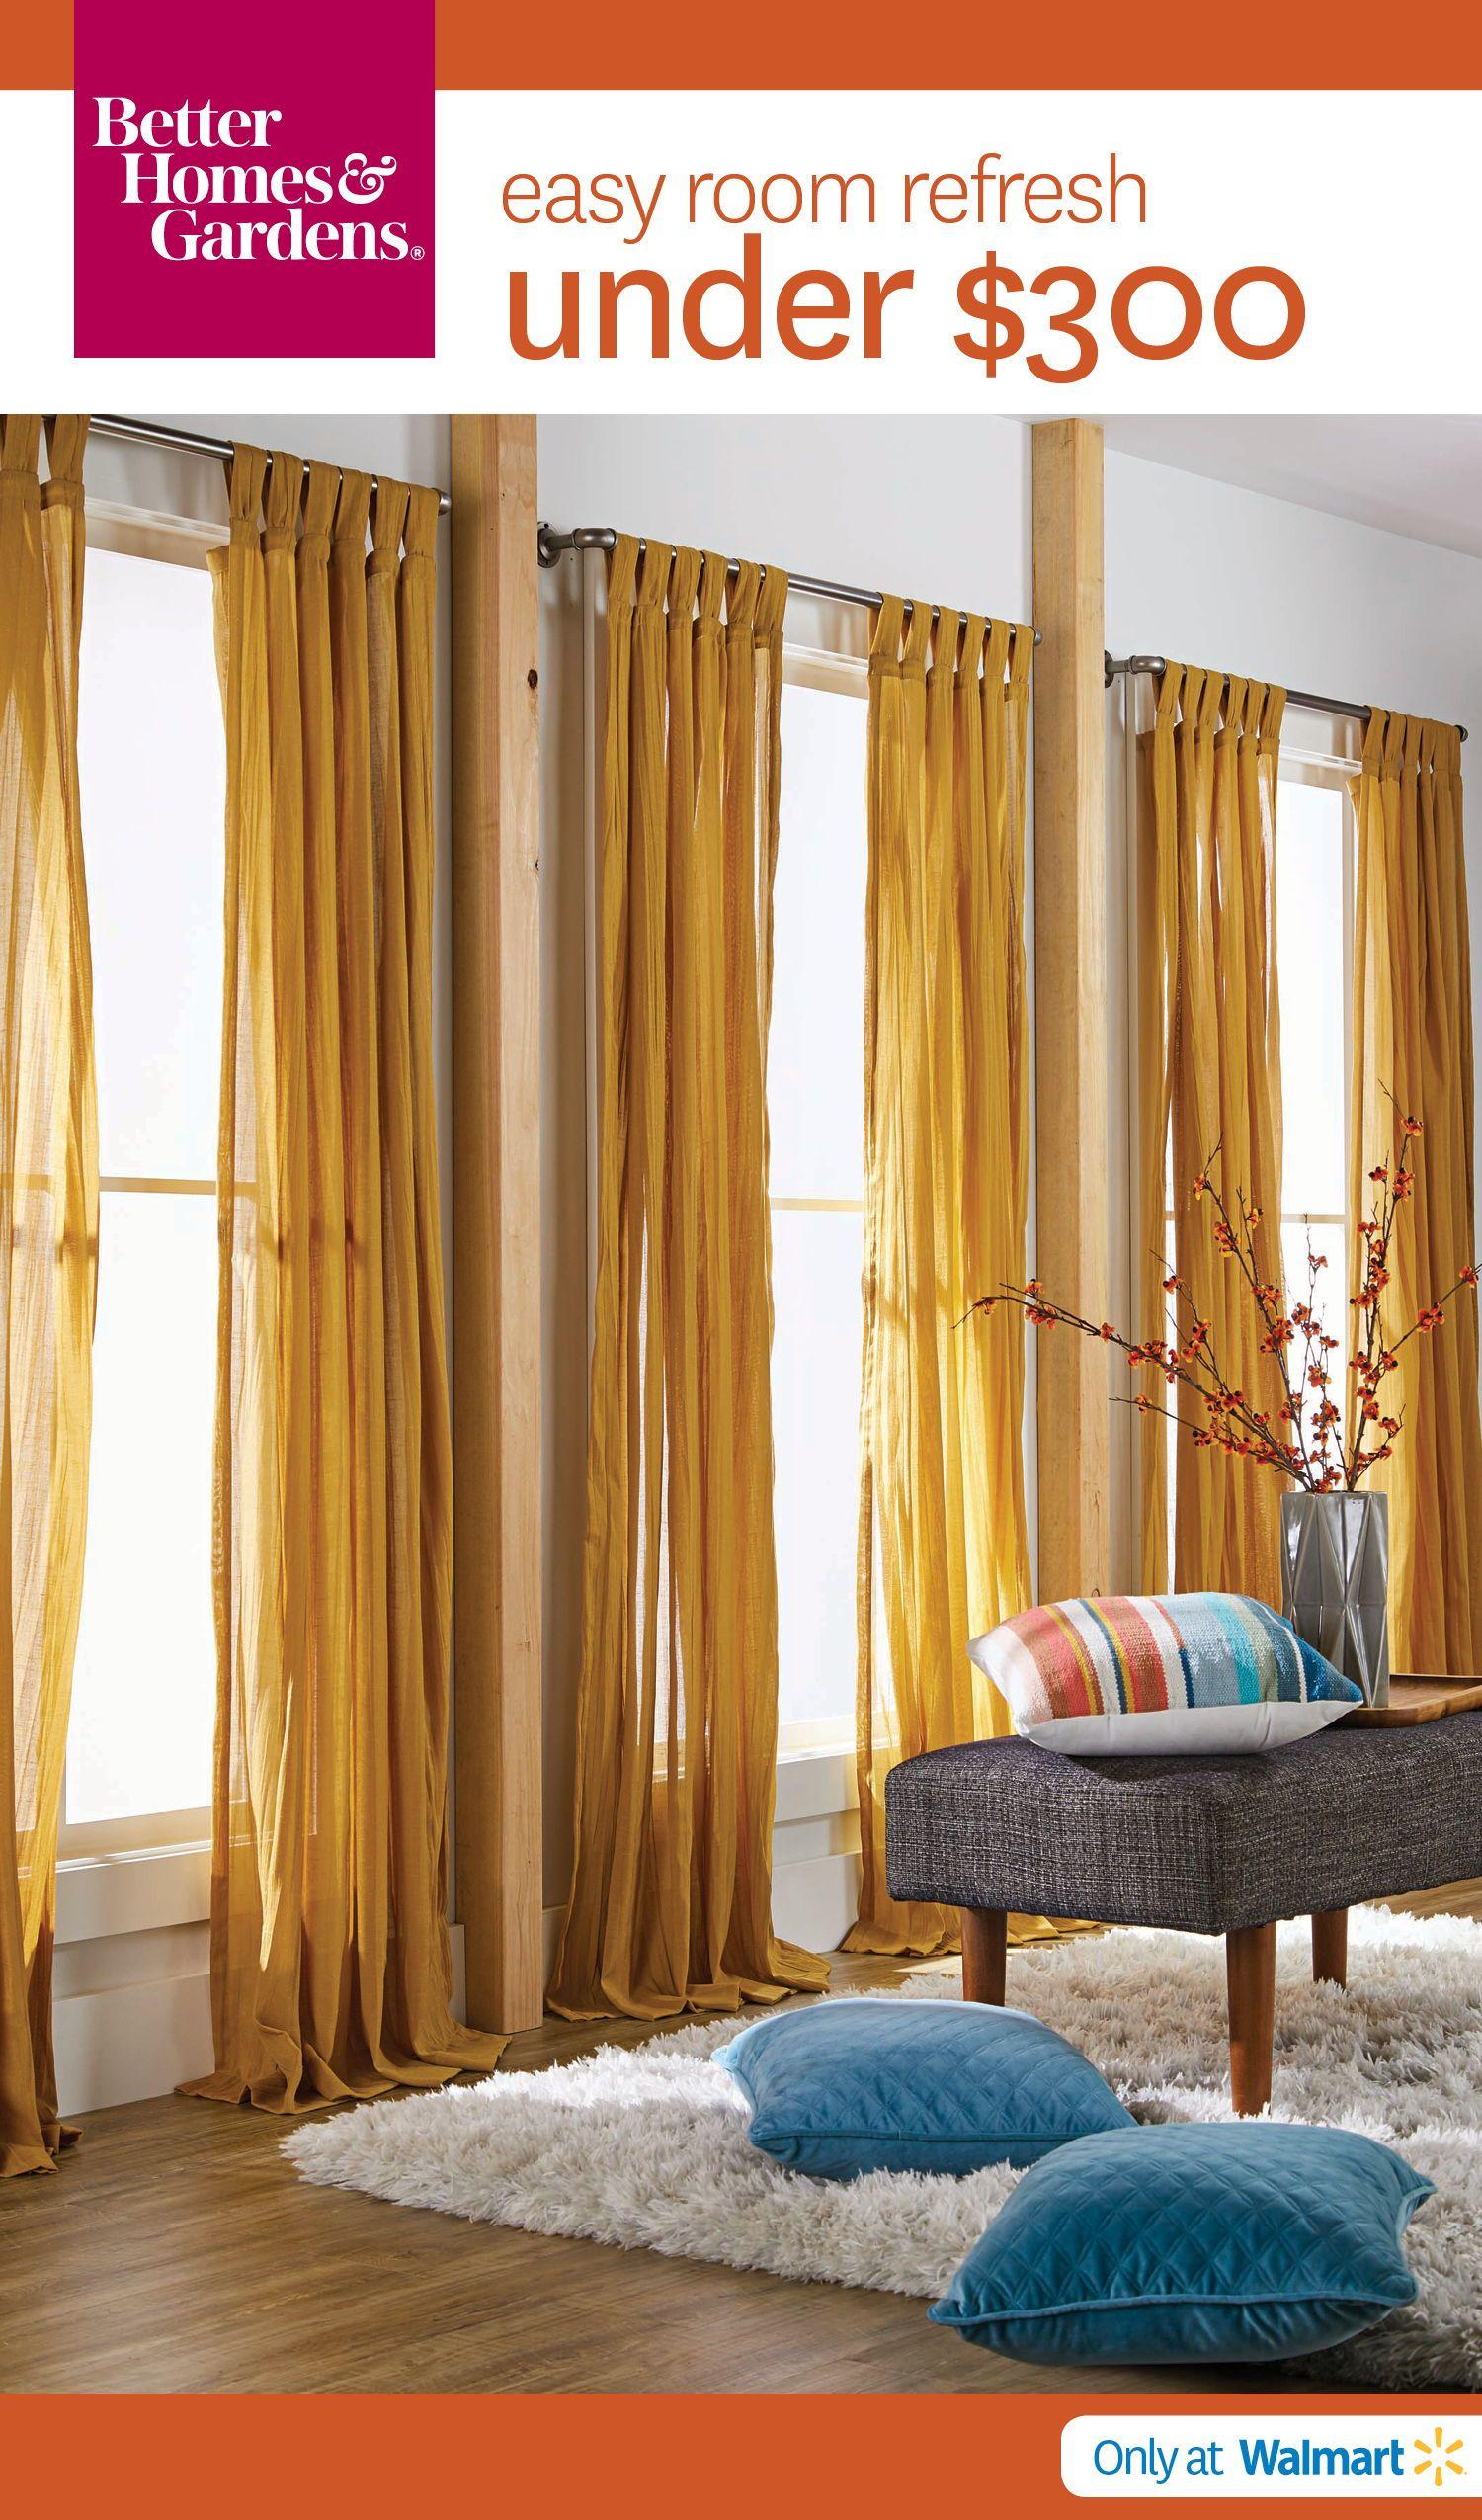 6bb64985fcfc0341fbbbeeef893e9d92 - Better Homes And Gardens Kashmir Curtains